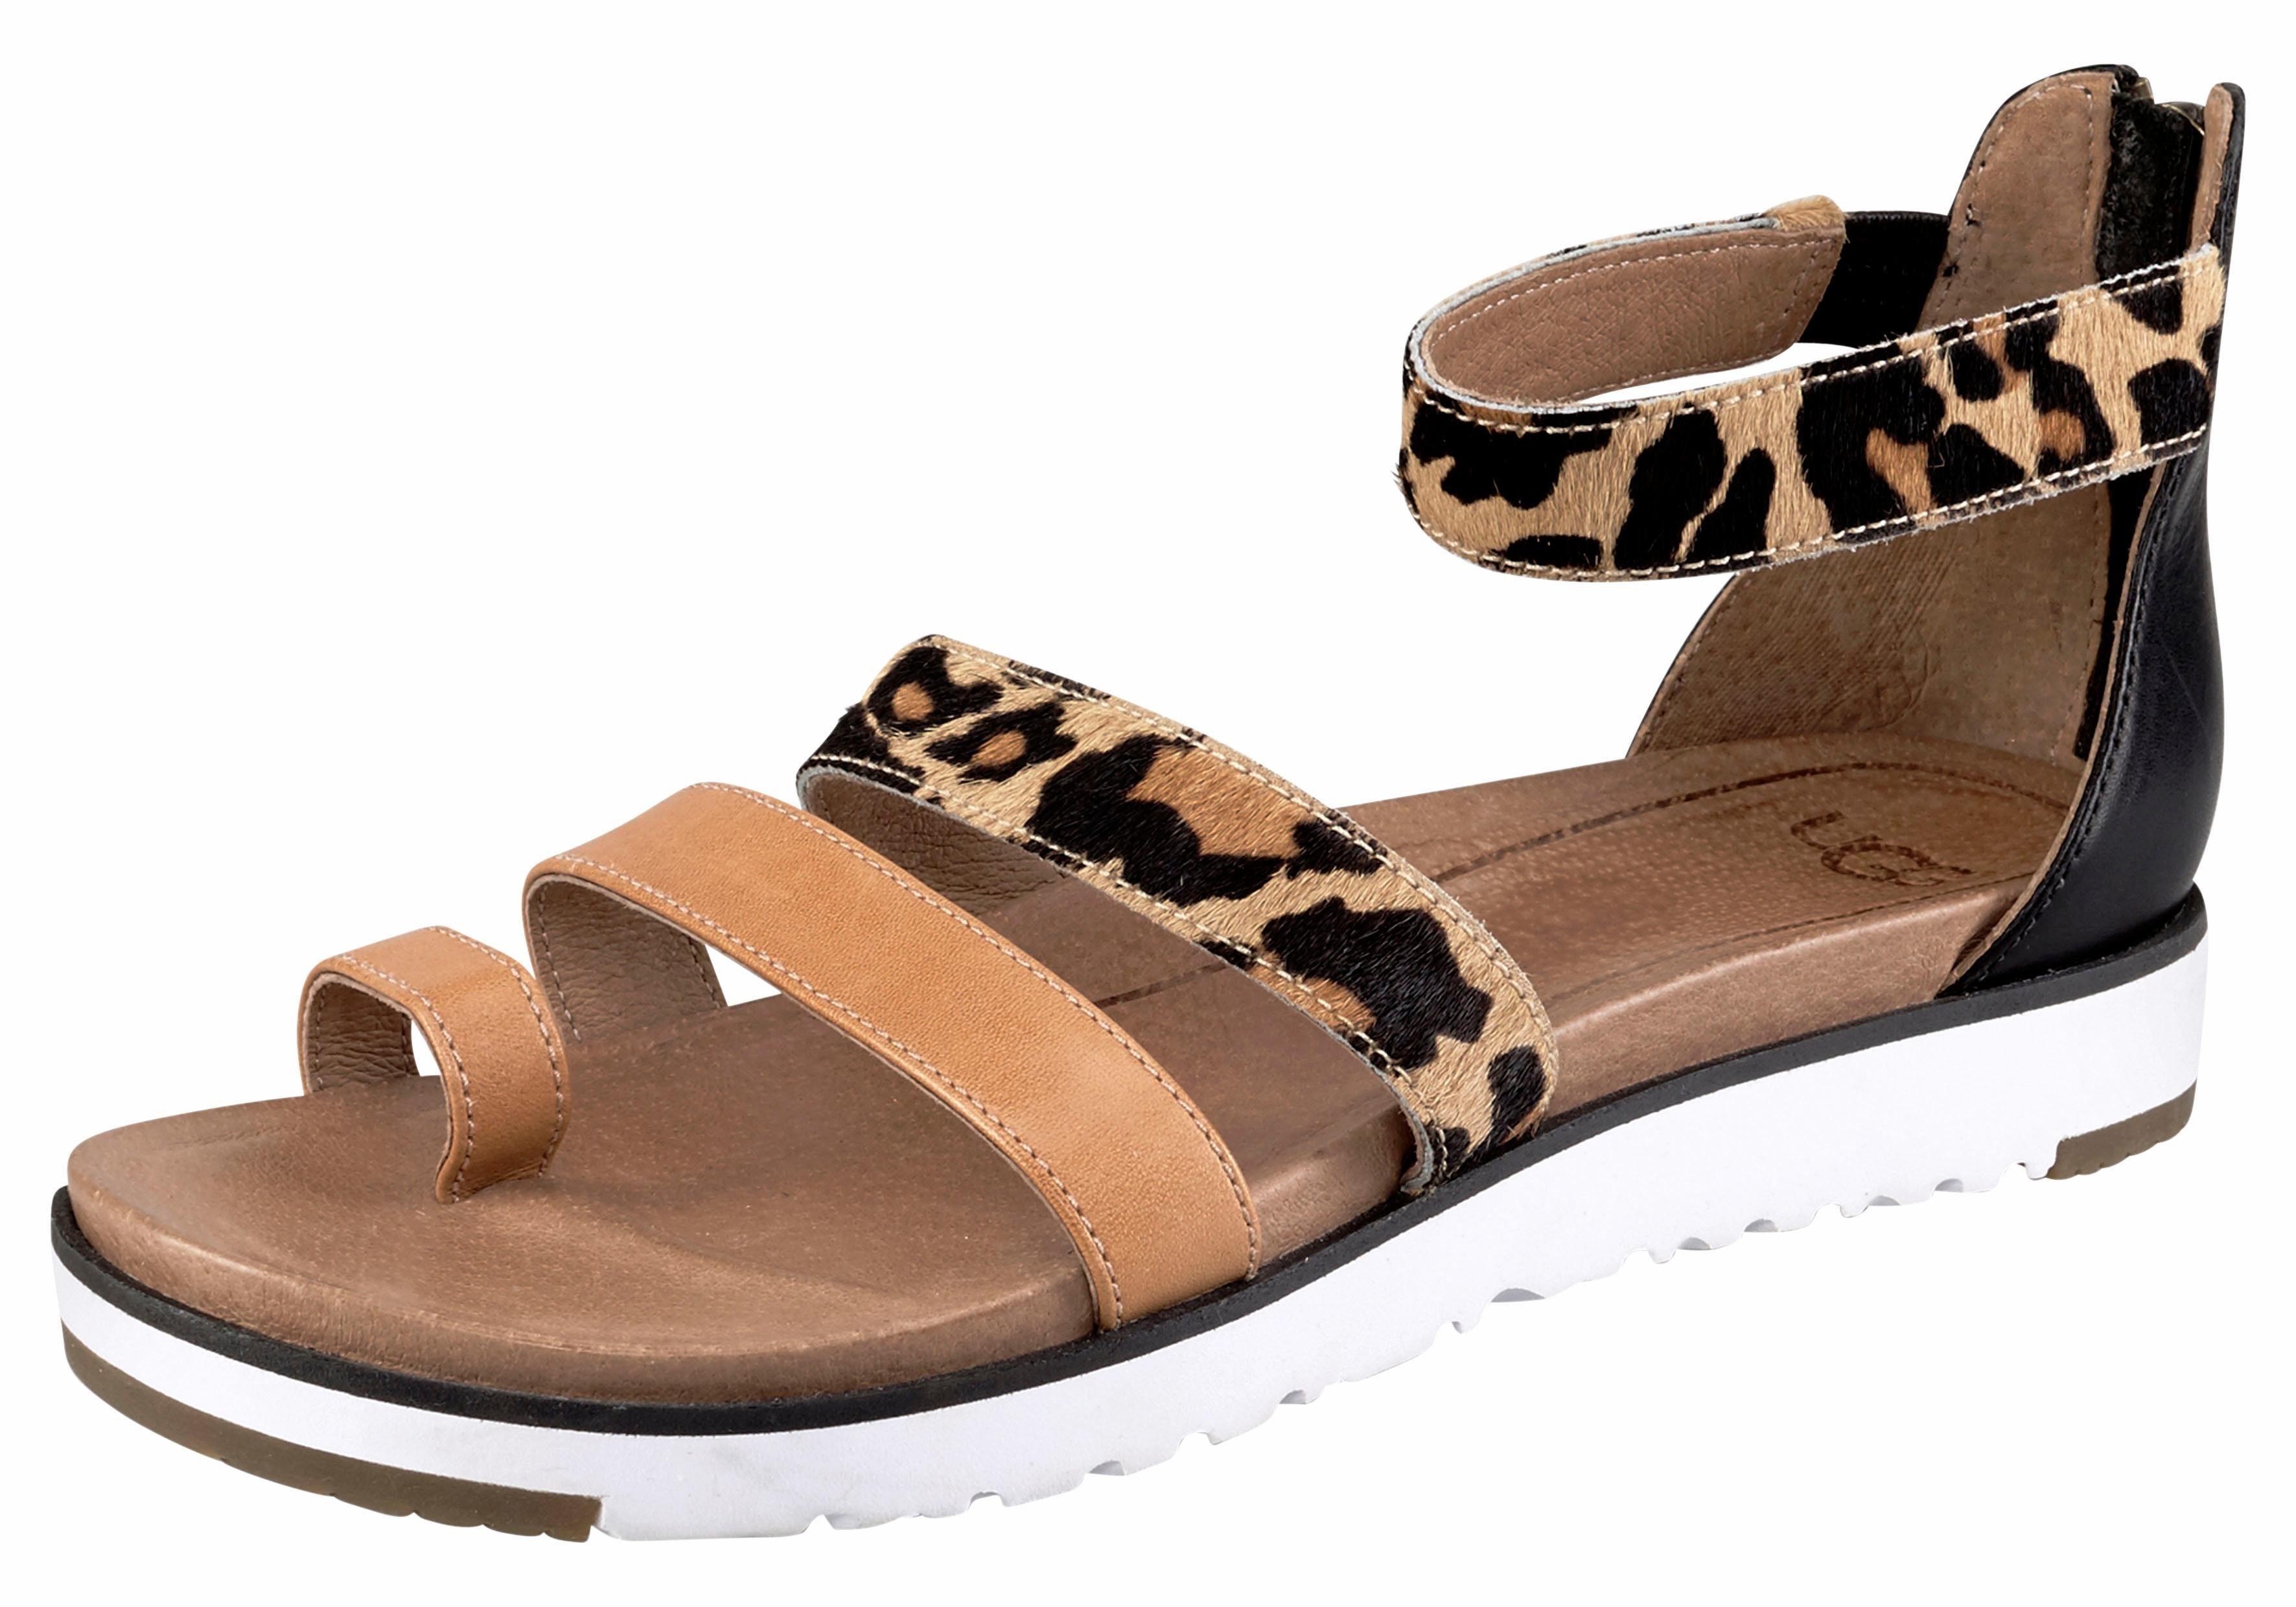 UGG »Lecia« Sandale, mit bunten Quasten im Hippie-Look, braun, chestnut